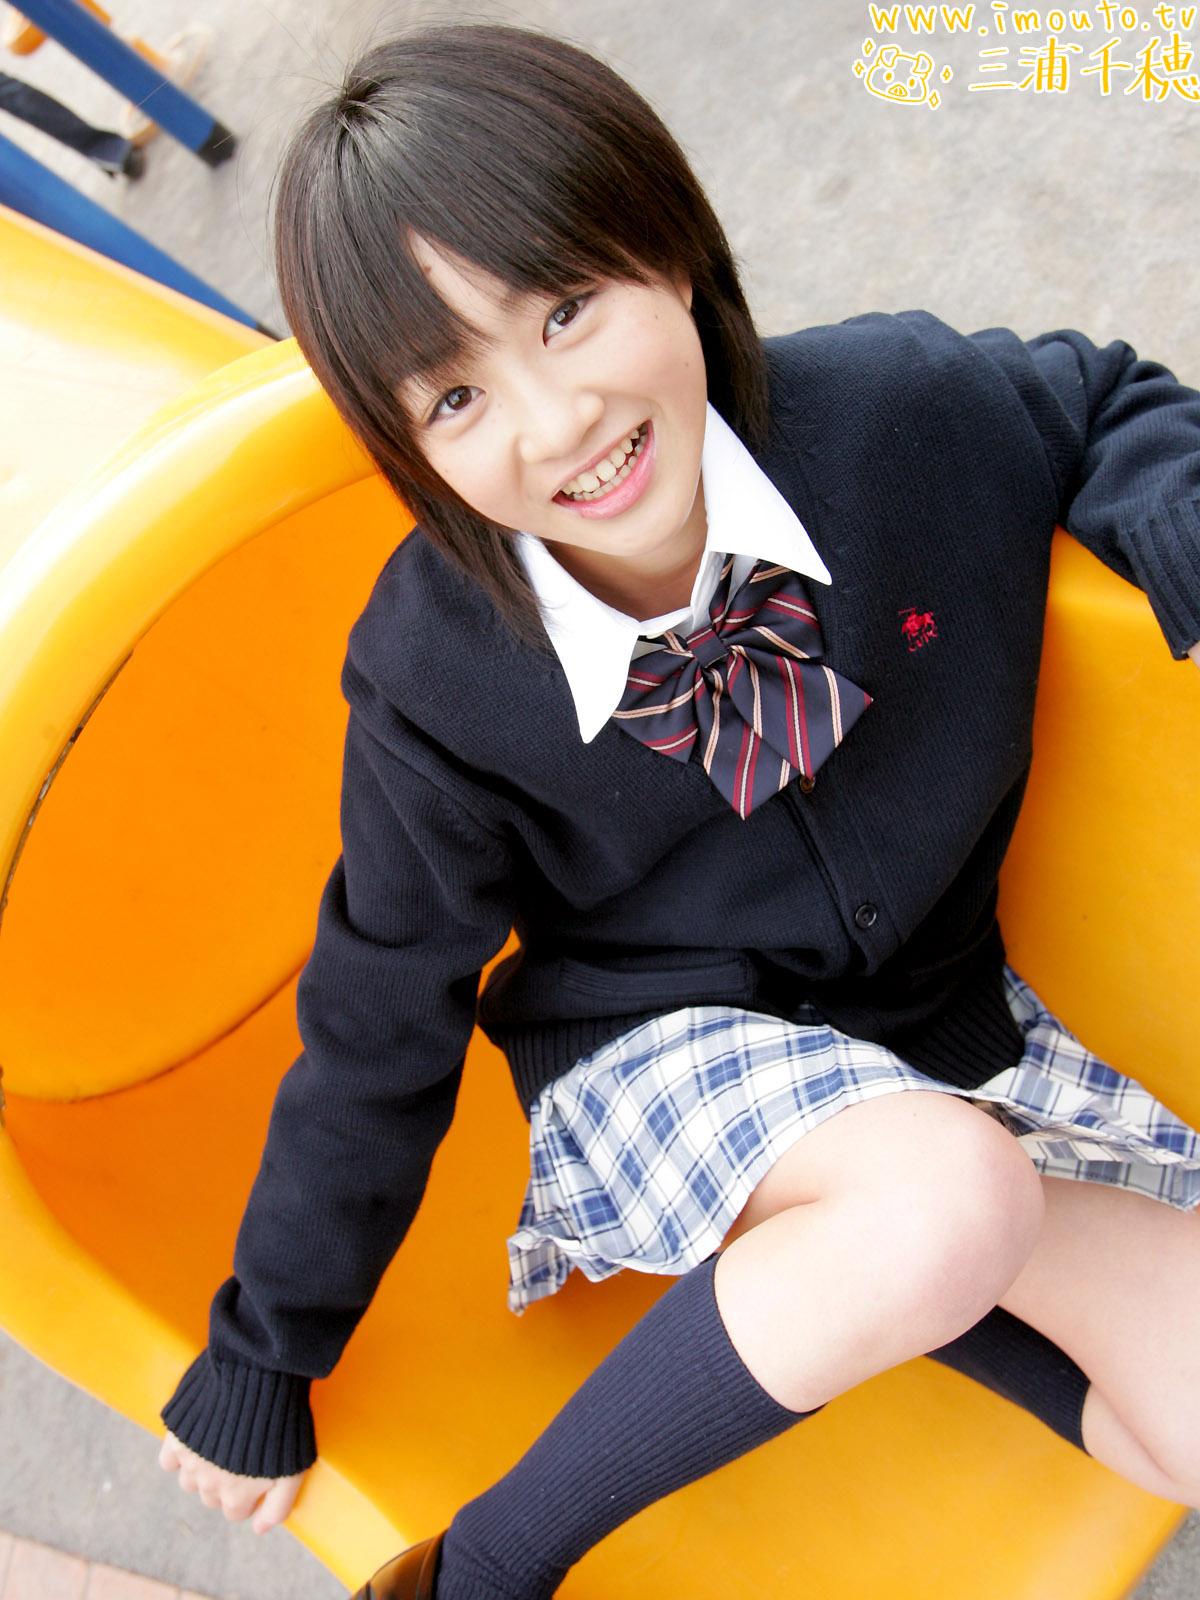 Imouto Tv Gallery Crazyidol Yurika Himesaki